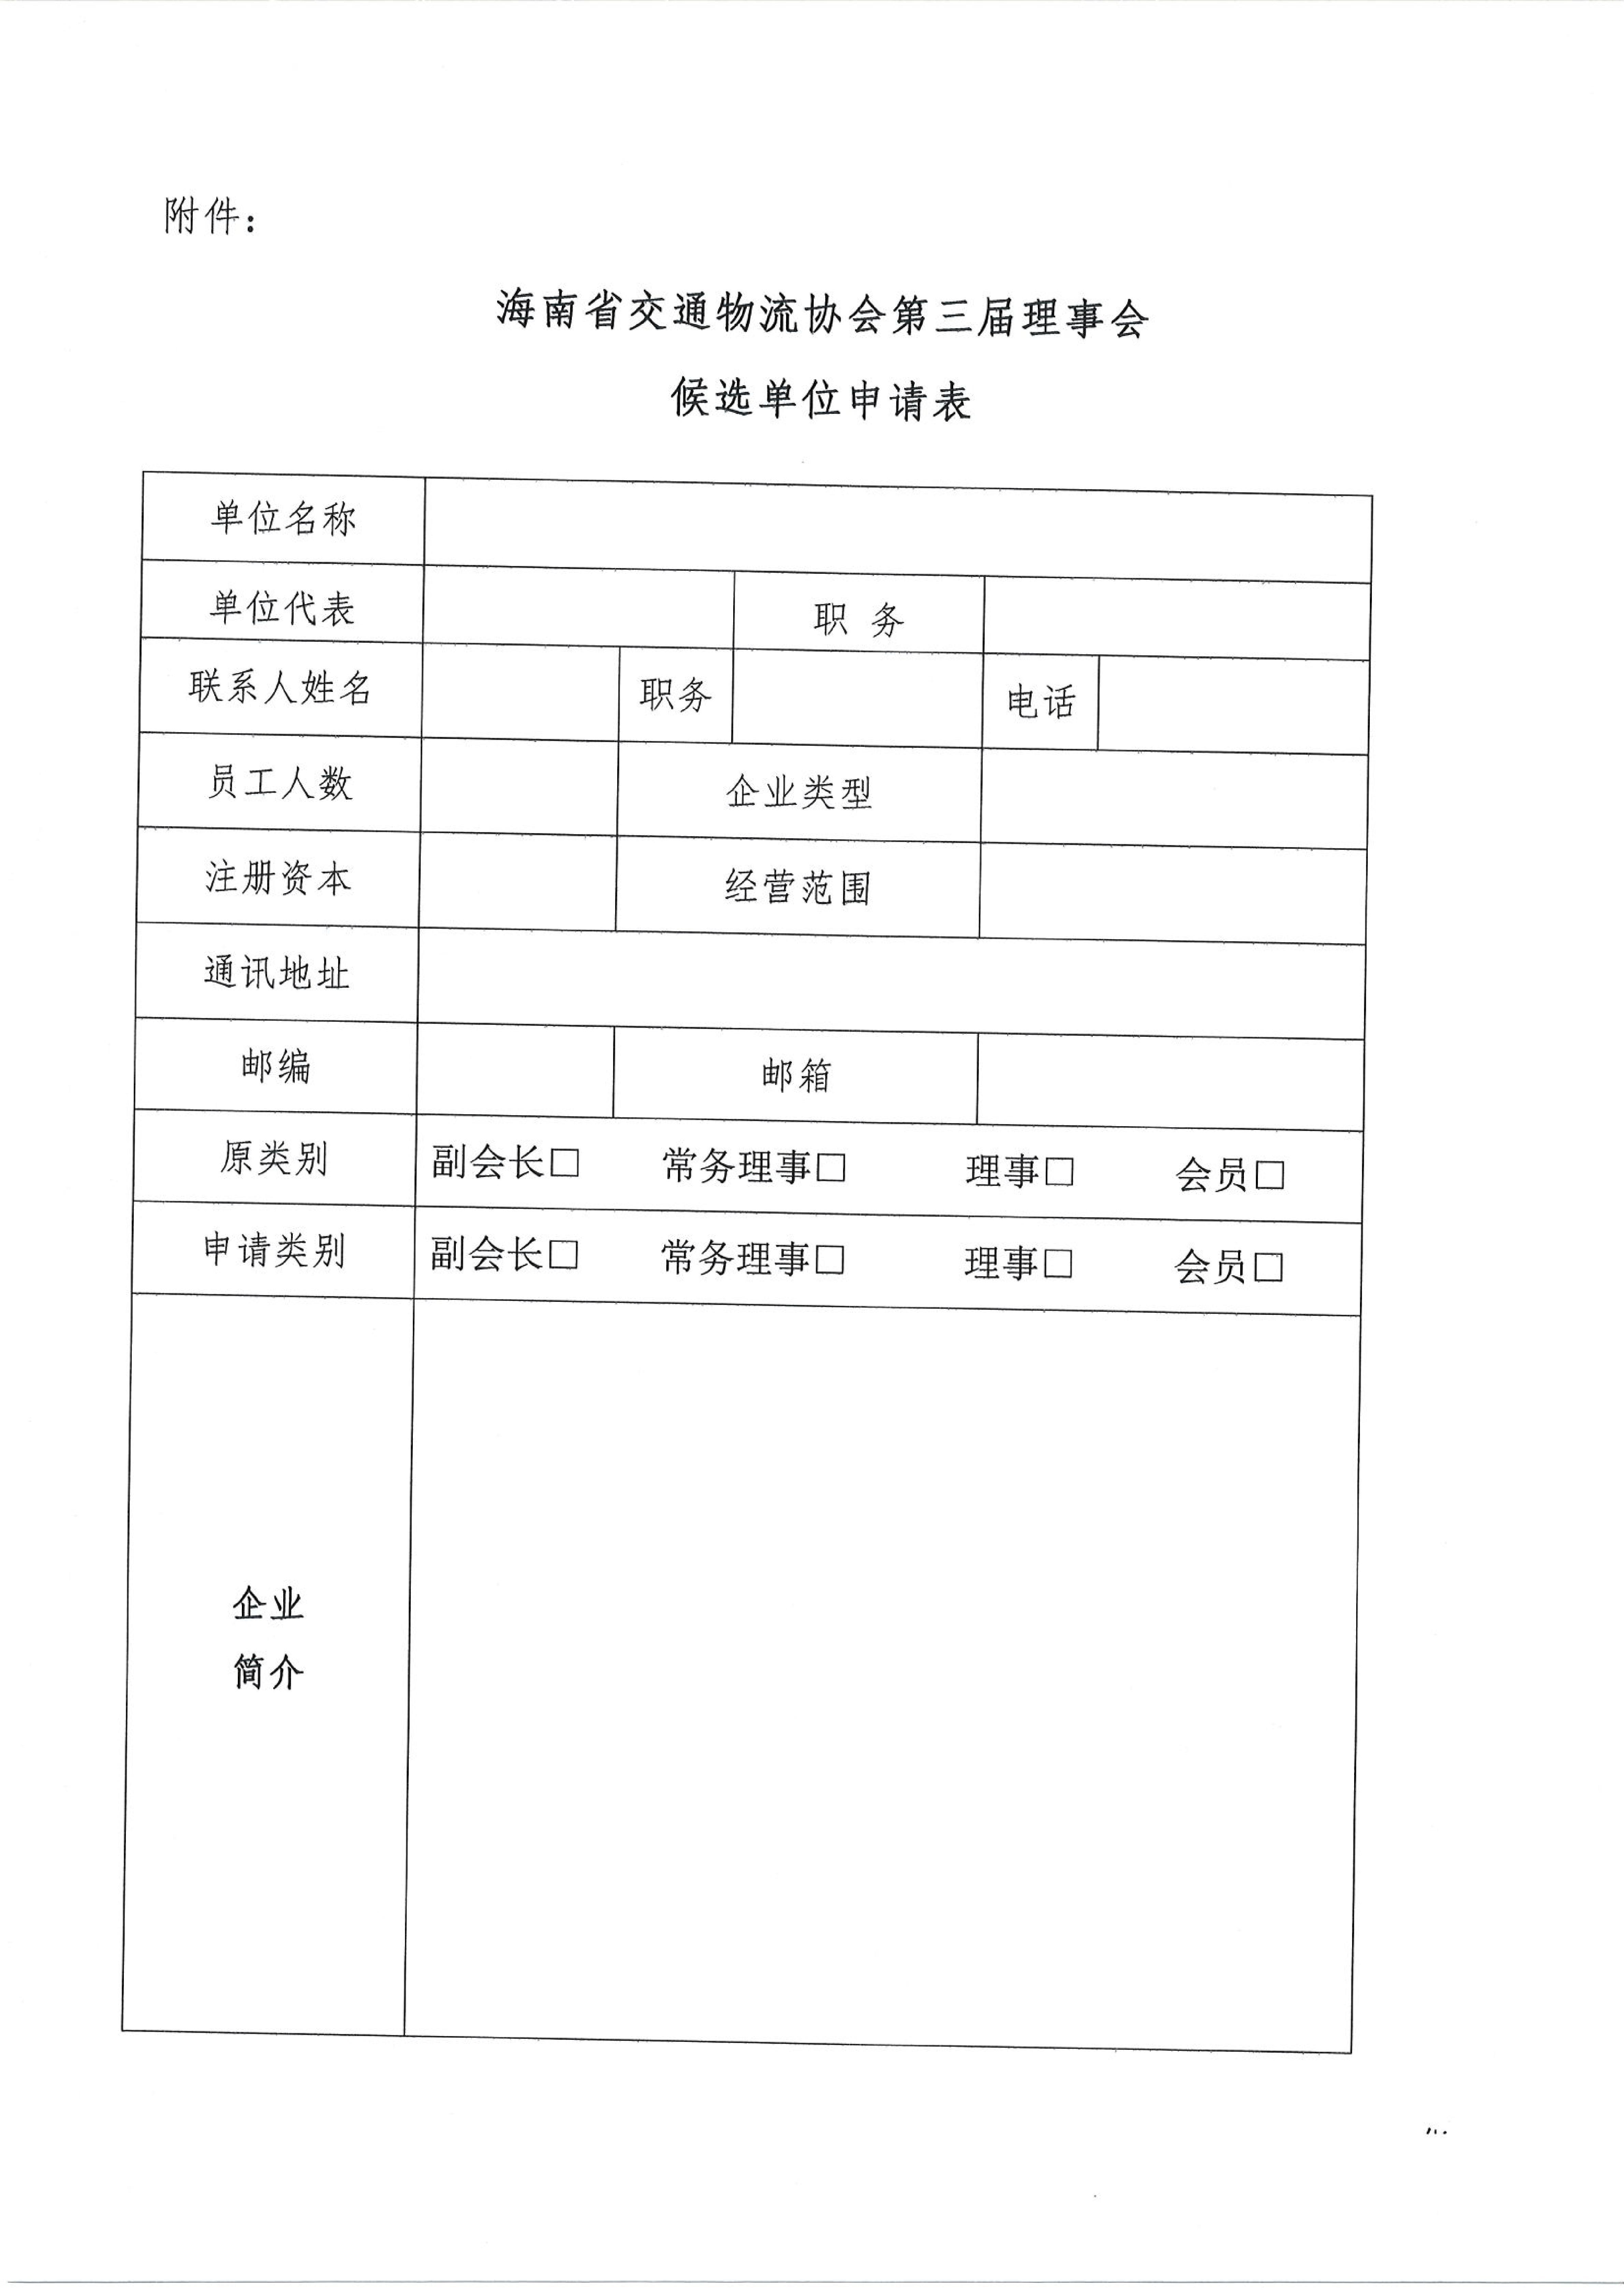 关于邀请加入第三届理事会理事候选单位的函_01.jpg